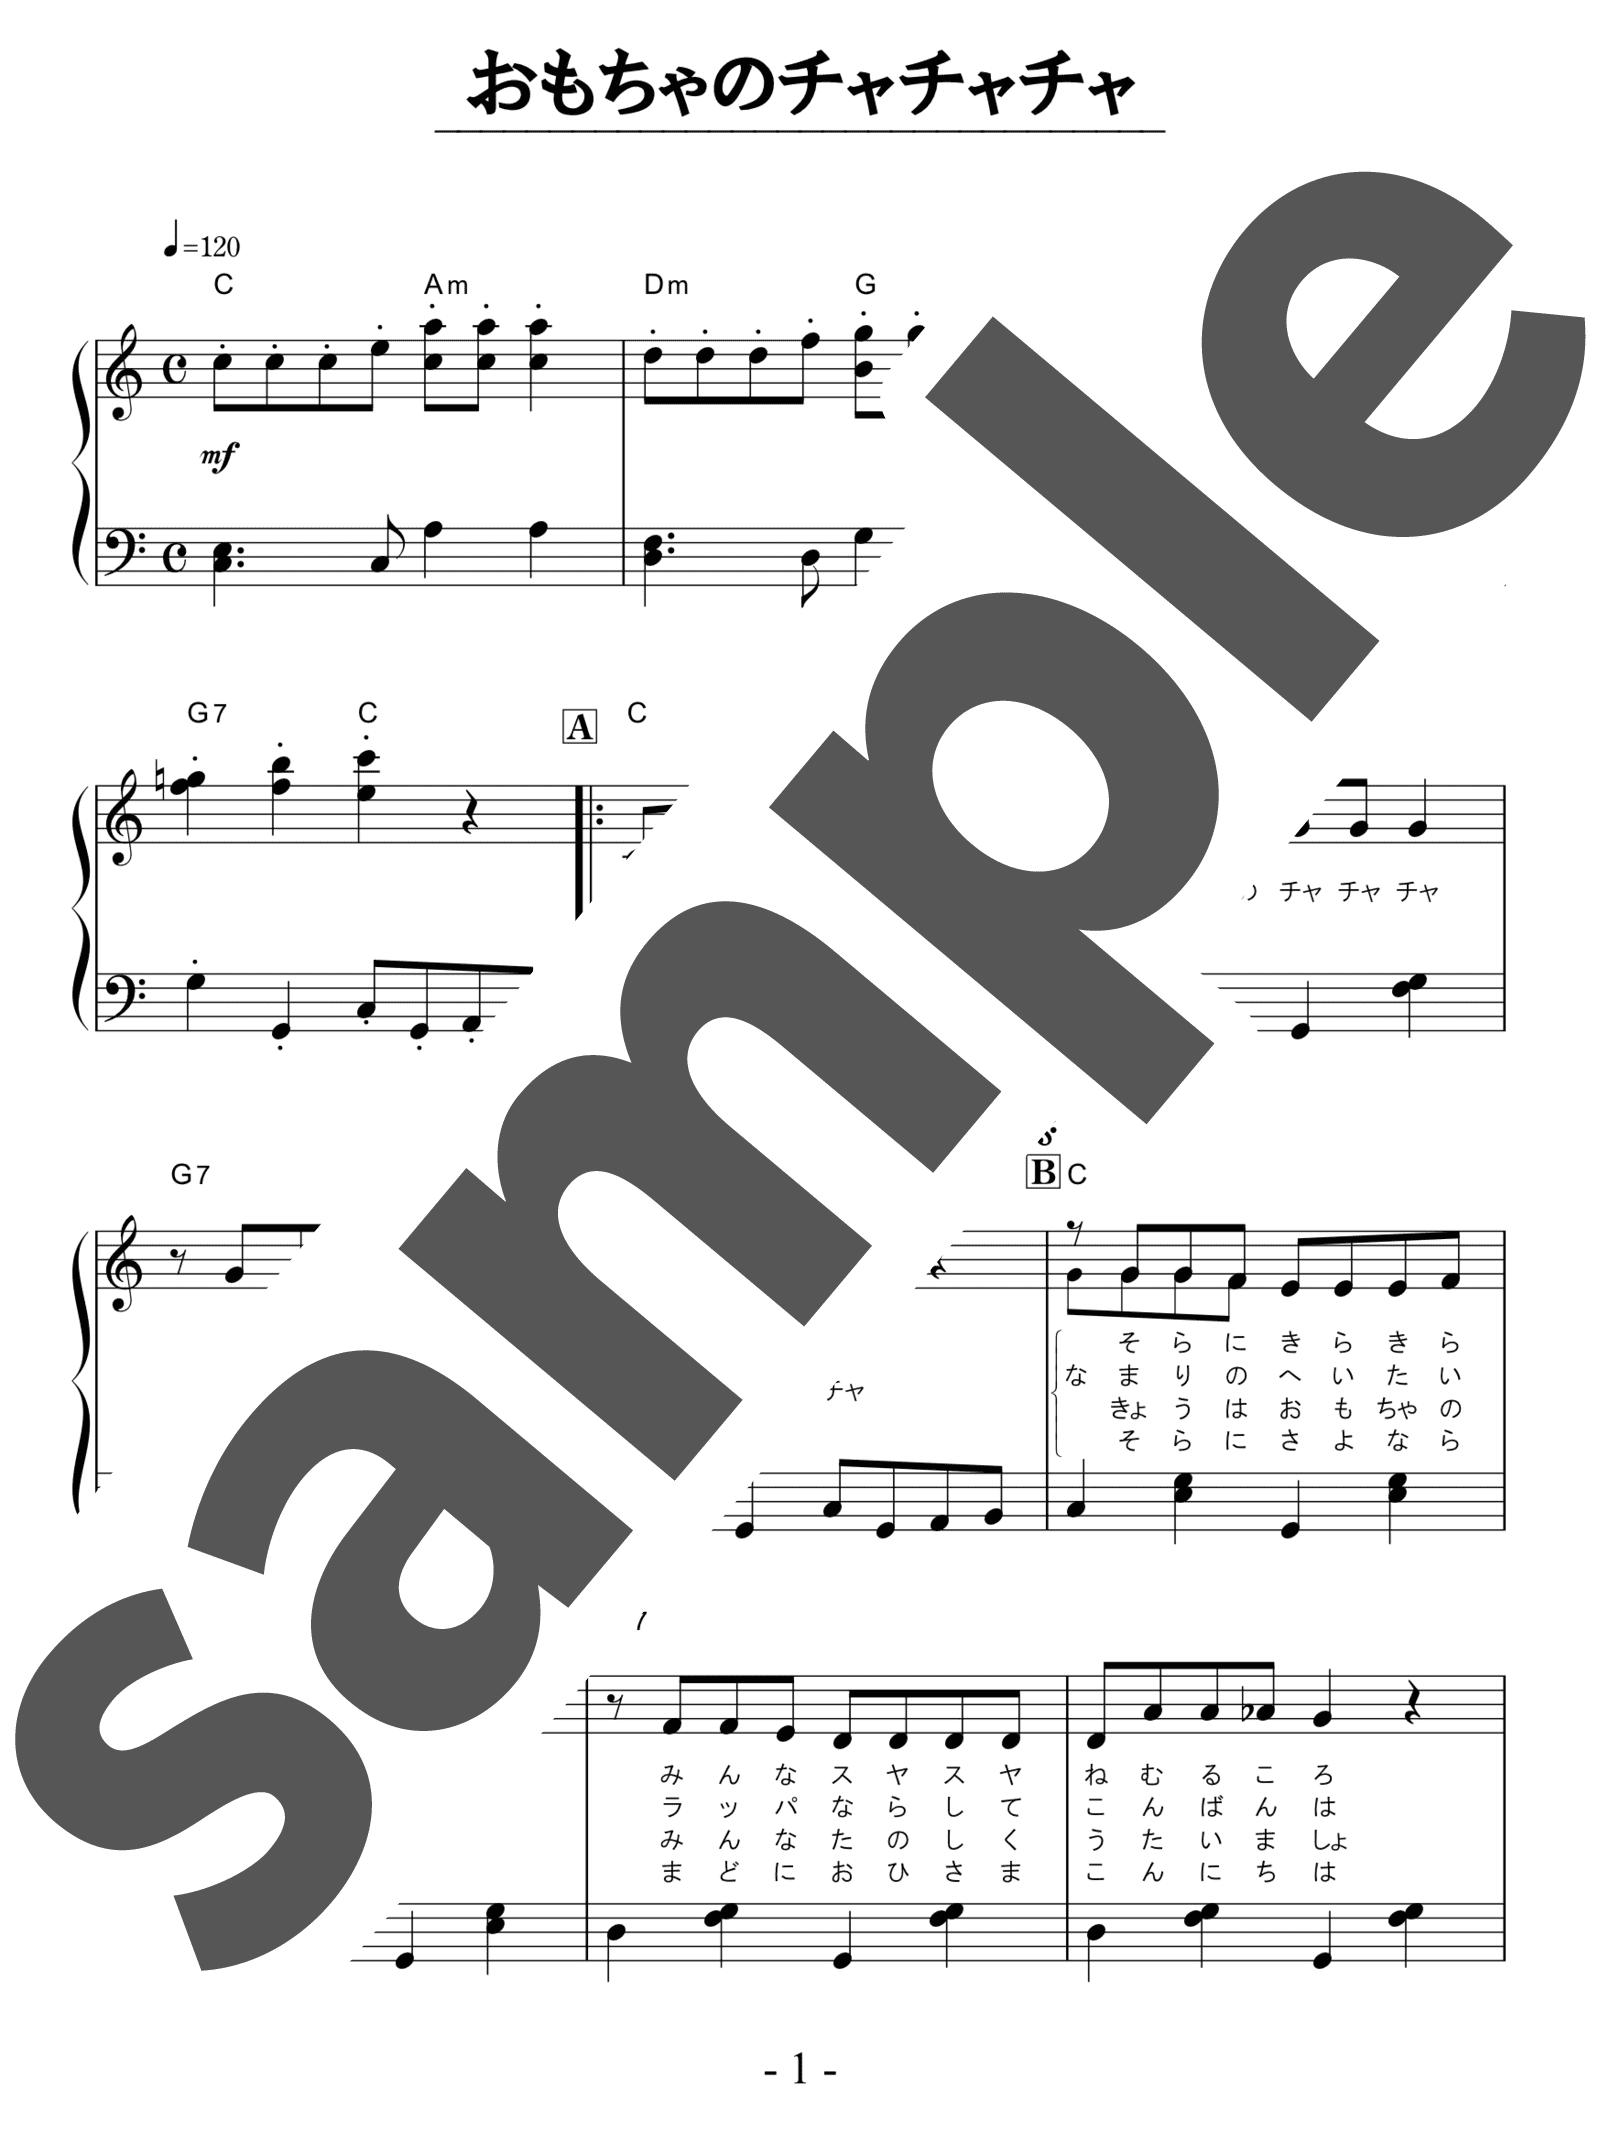 「おもちゃのチャチャチャ」のサンプル楽譜